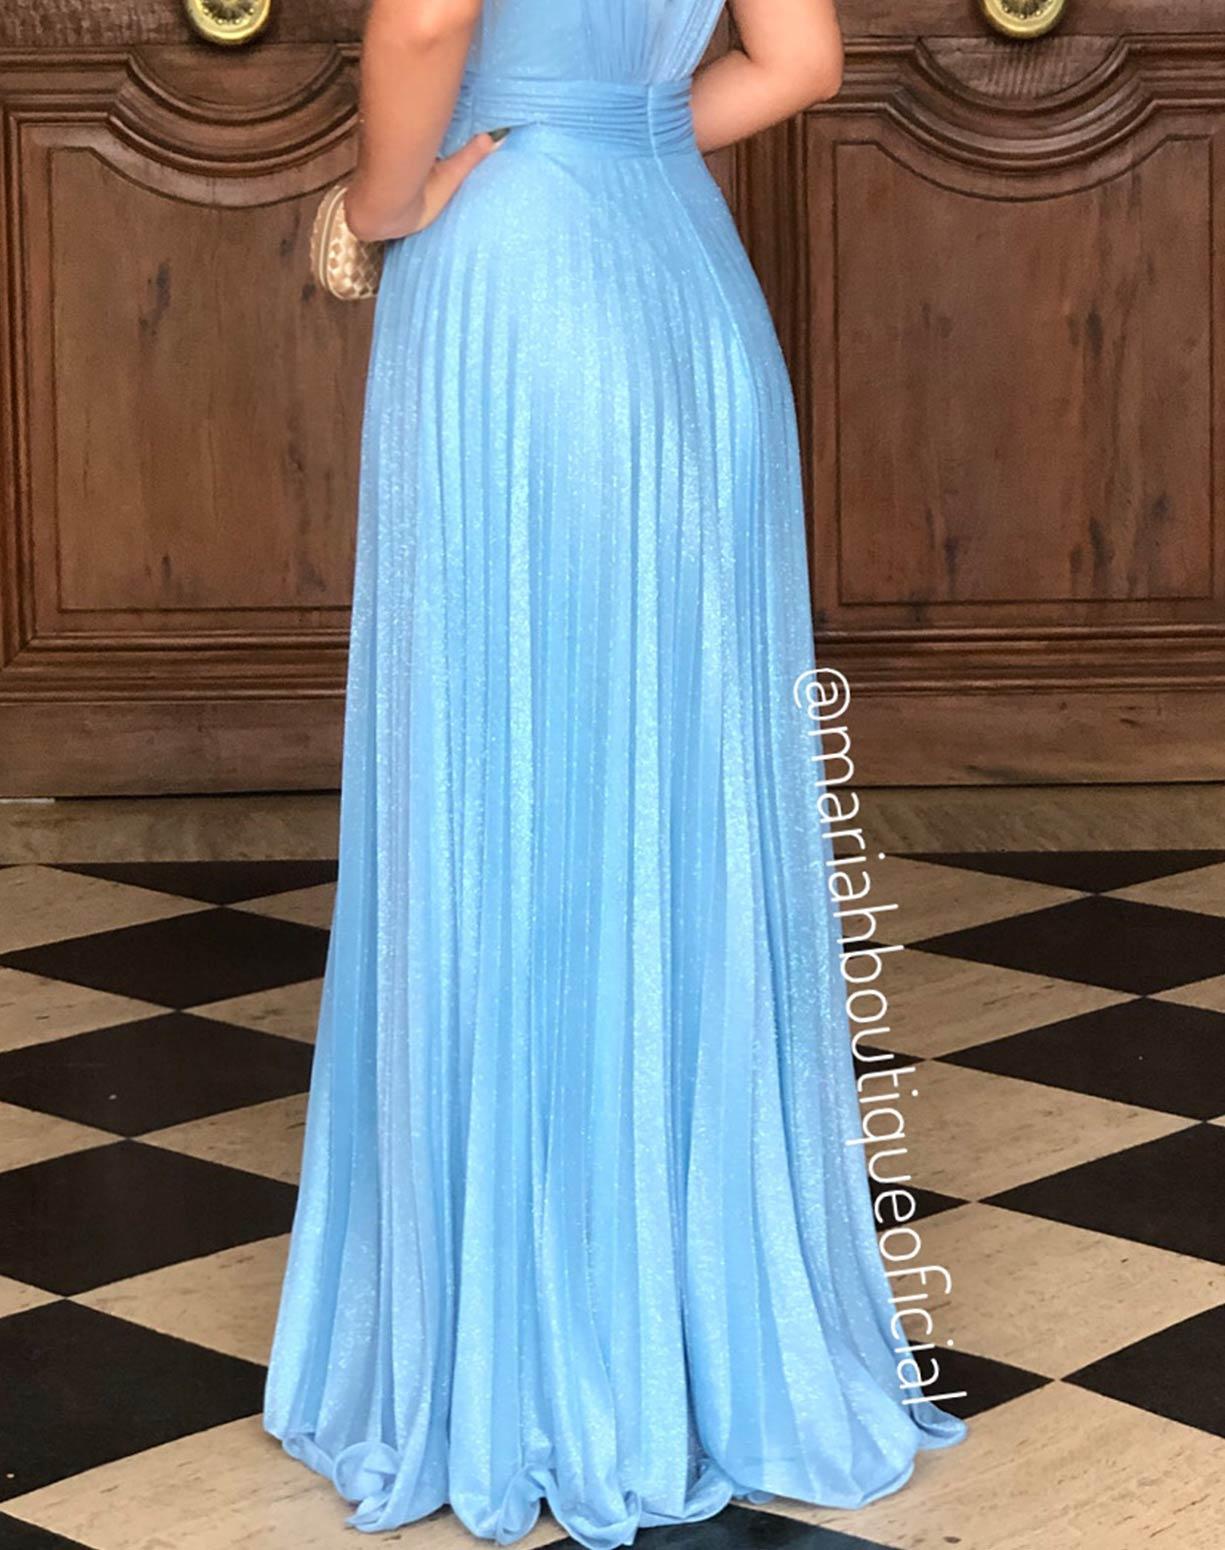 Vestido Azul Serenity Plissado em Tule Glitter